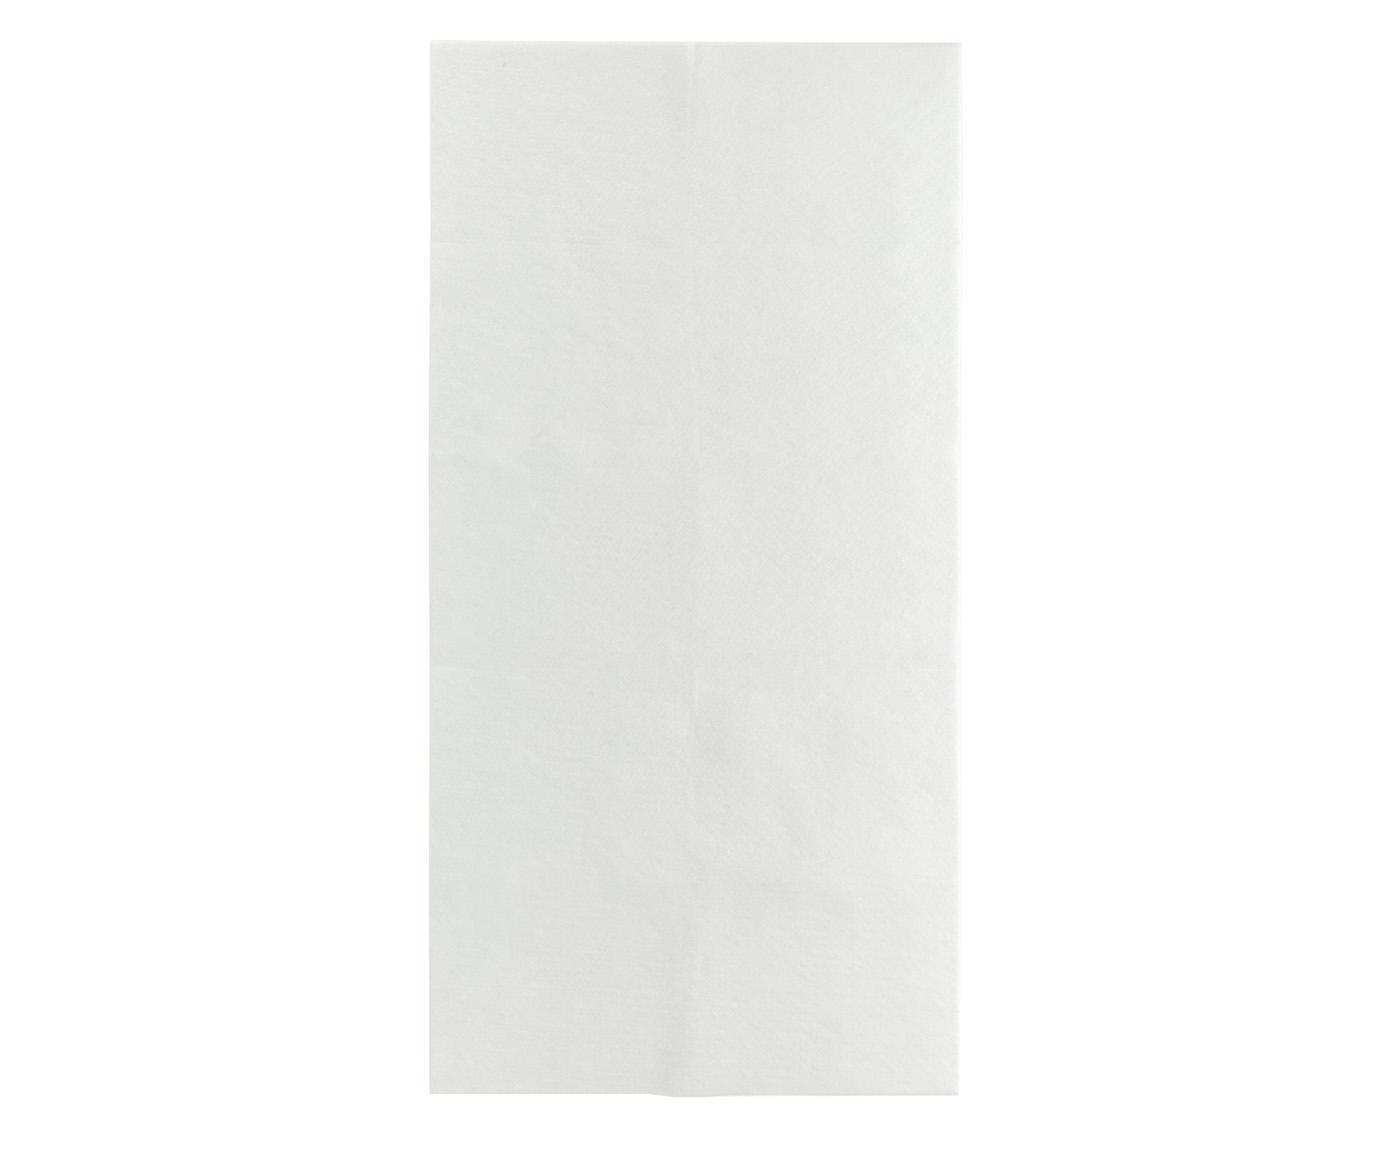 Vlies-Teppichunterlage My Slip Stop, Polyestervlies mit Anti-Rutsch-Beschichtung, Hellgrau, 70 x 140 cm